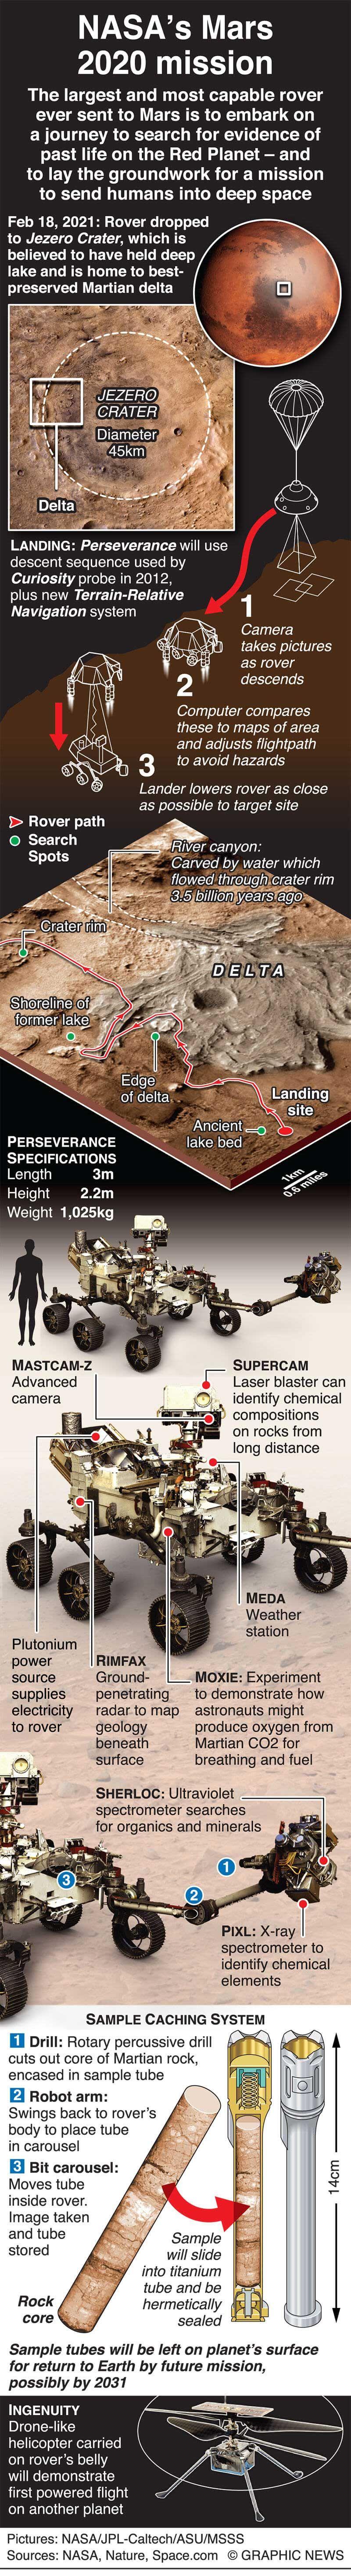 20210217 mars mission